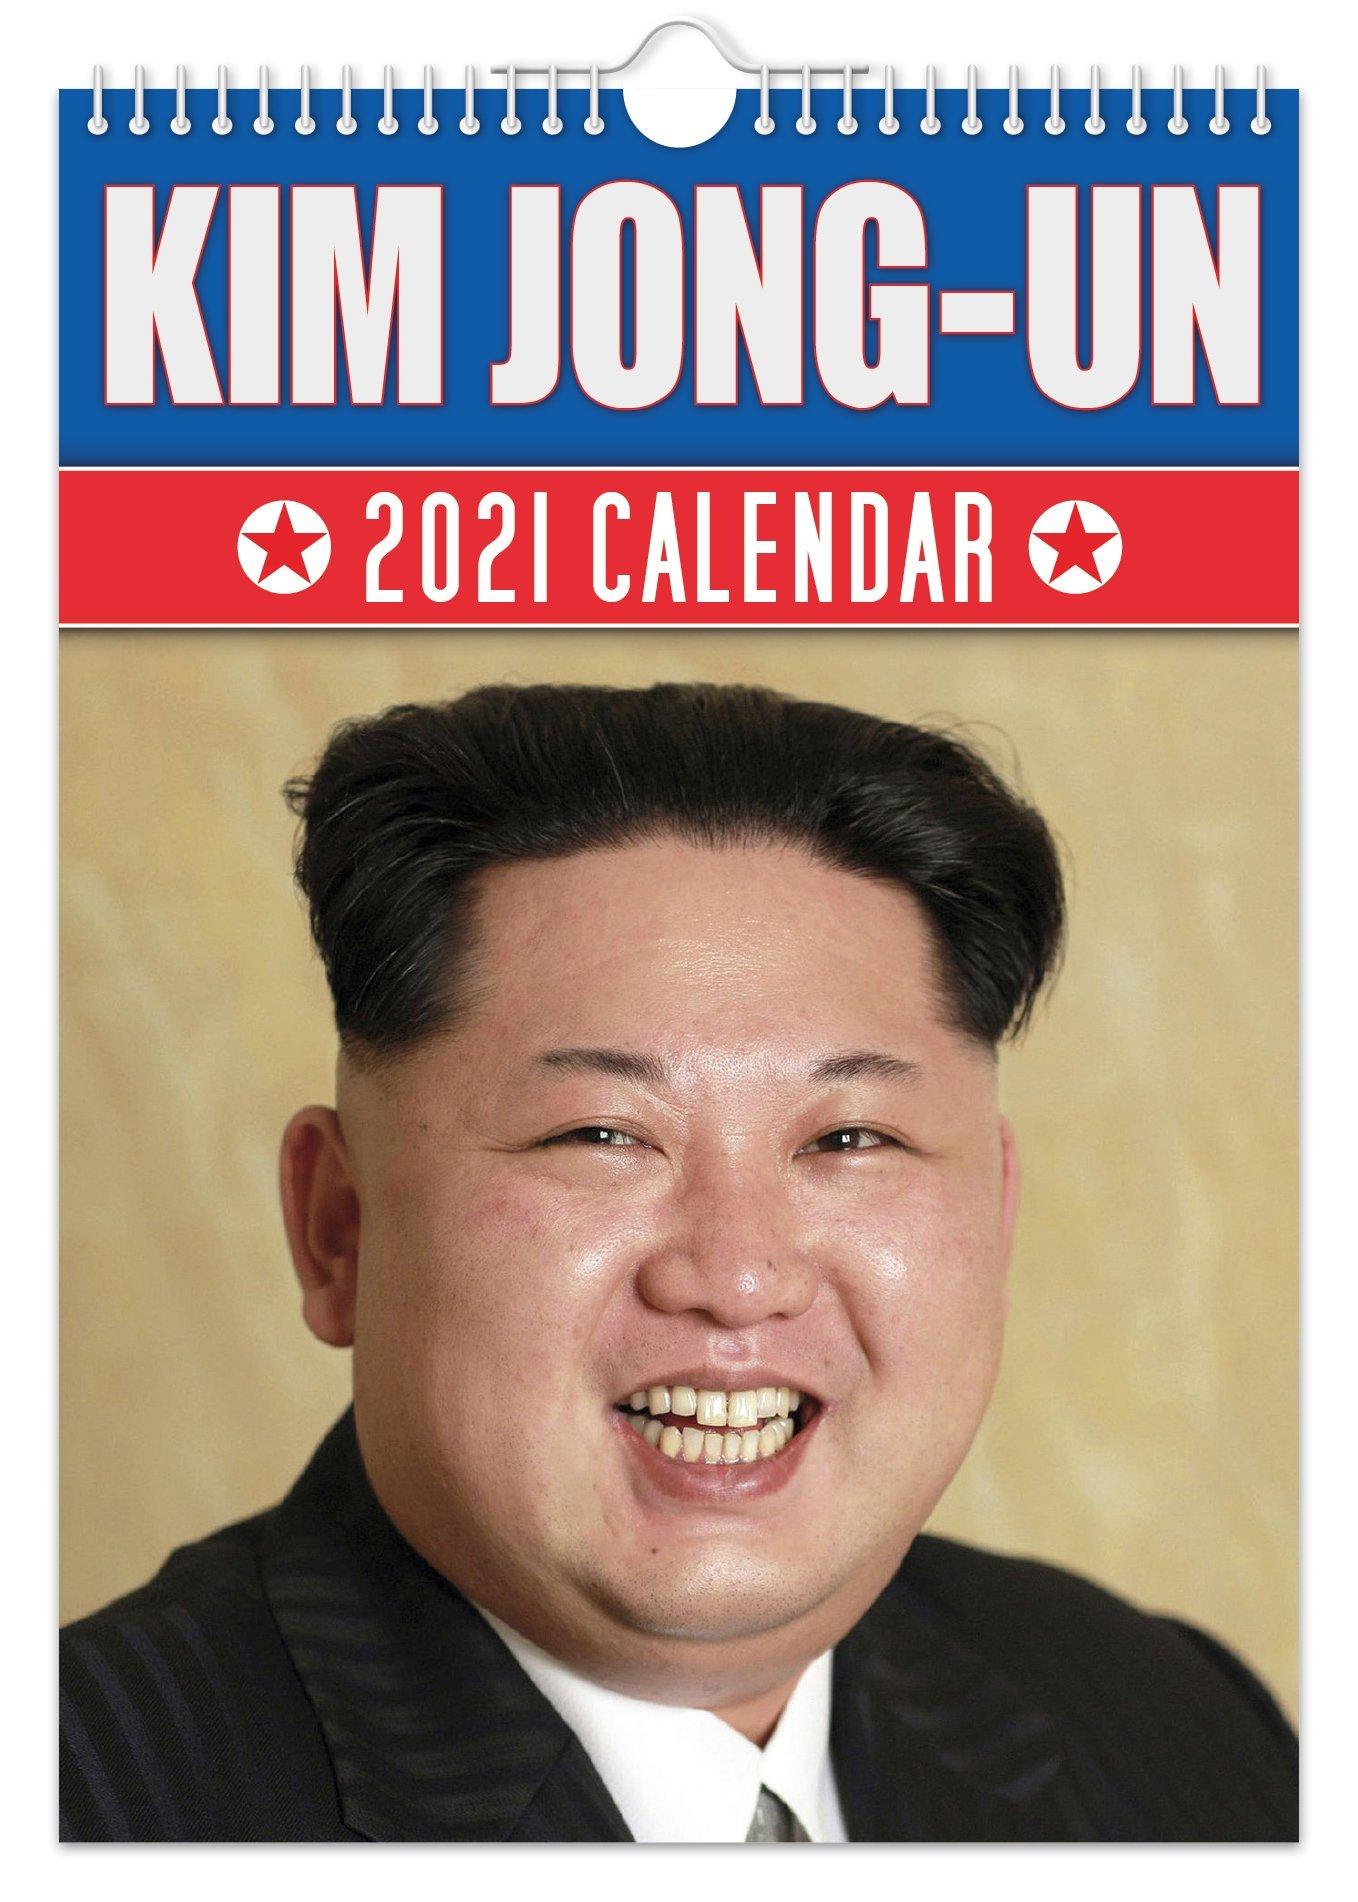 Un Calendar 2021 Kim Jong Un   2021 A4 Wall Calendar   The Calendar King